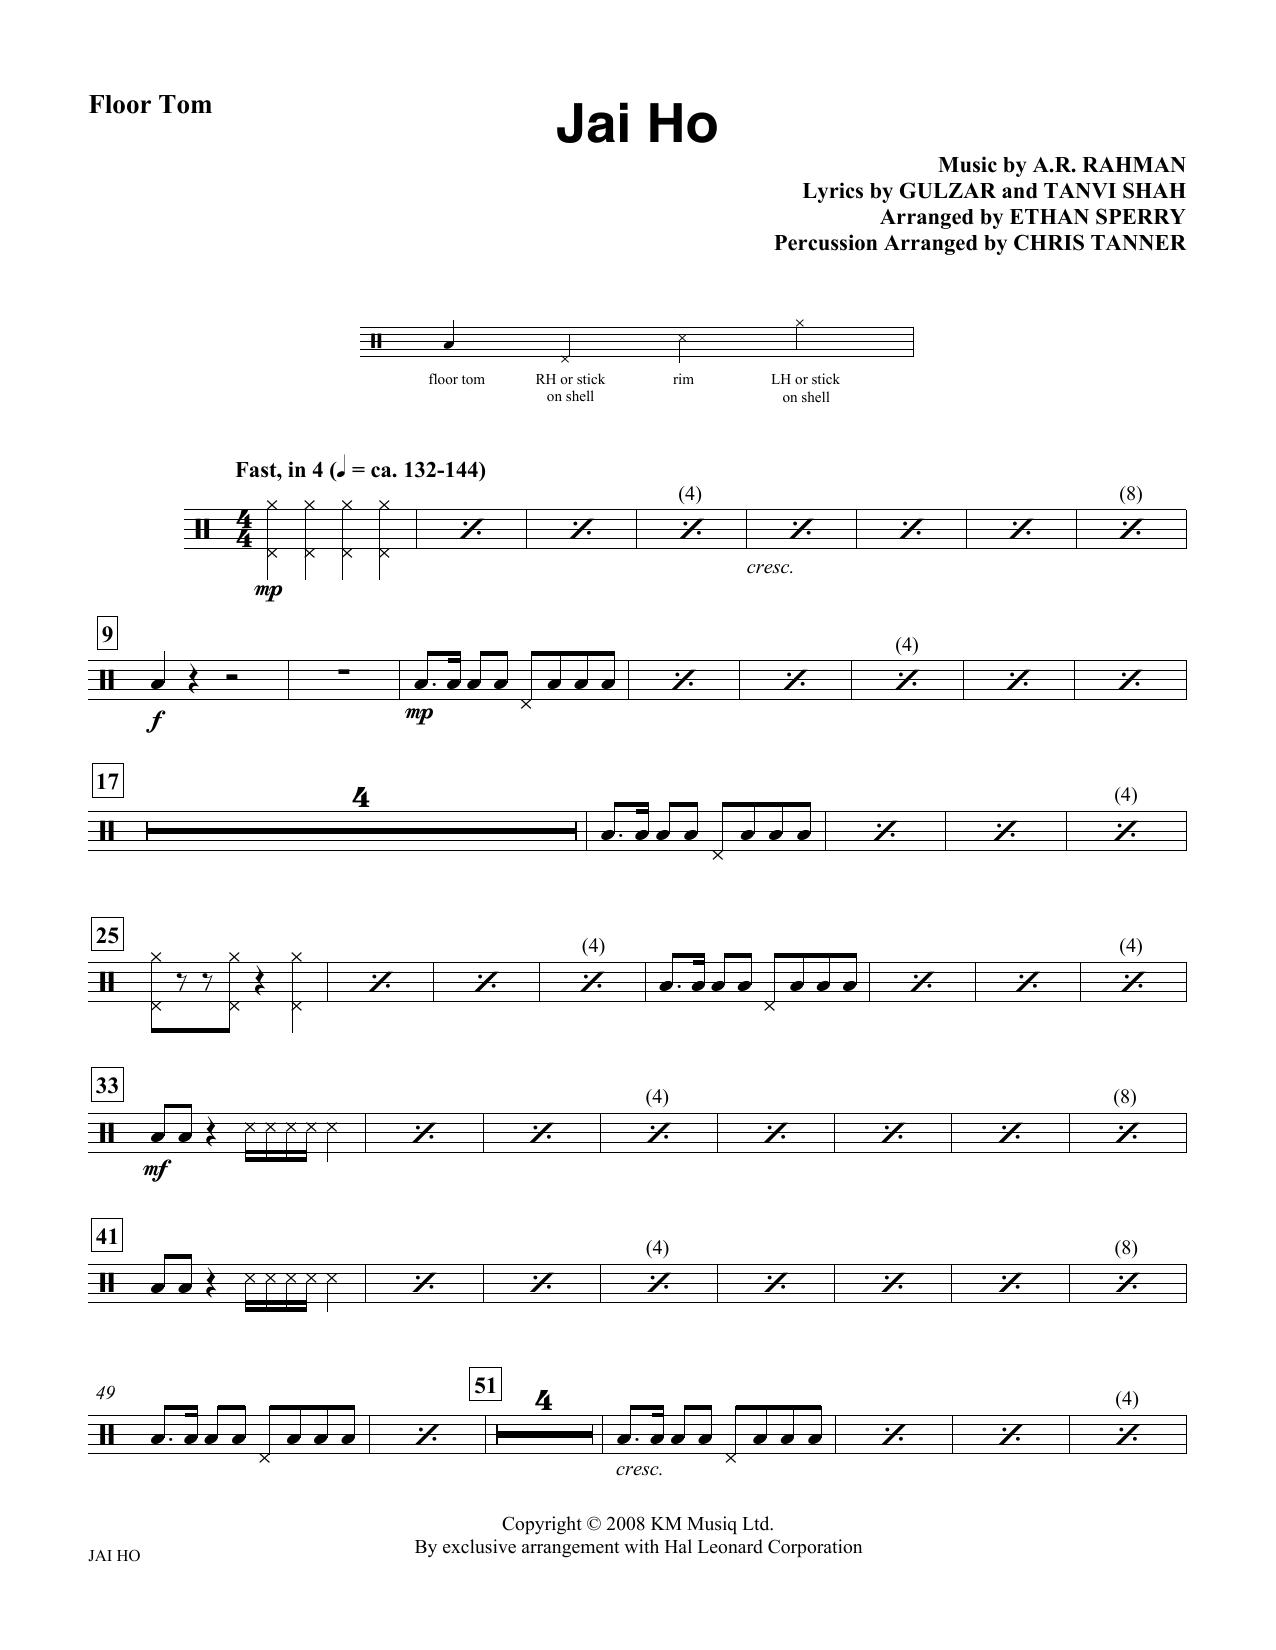 Jai Ho - Floor Tom Sheet Music